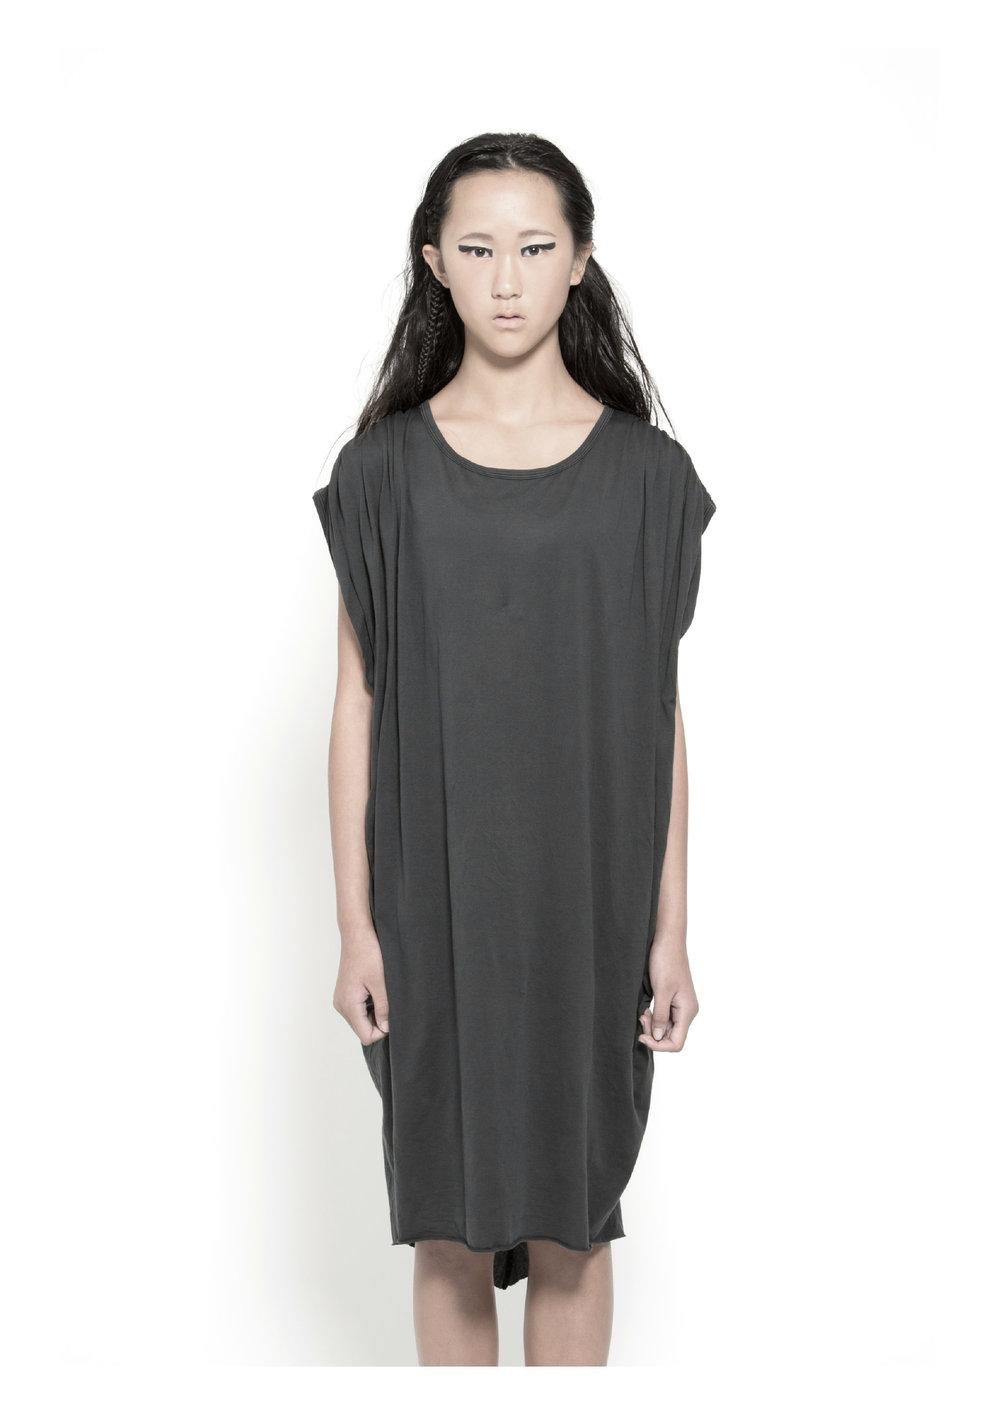 Sada Dress 1.jpg